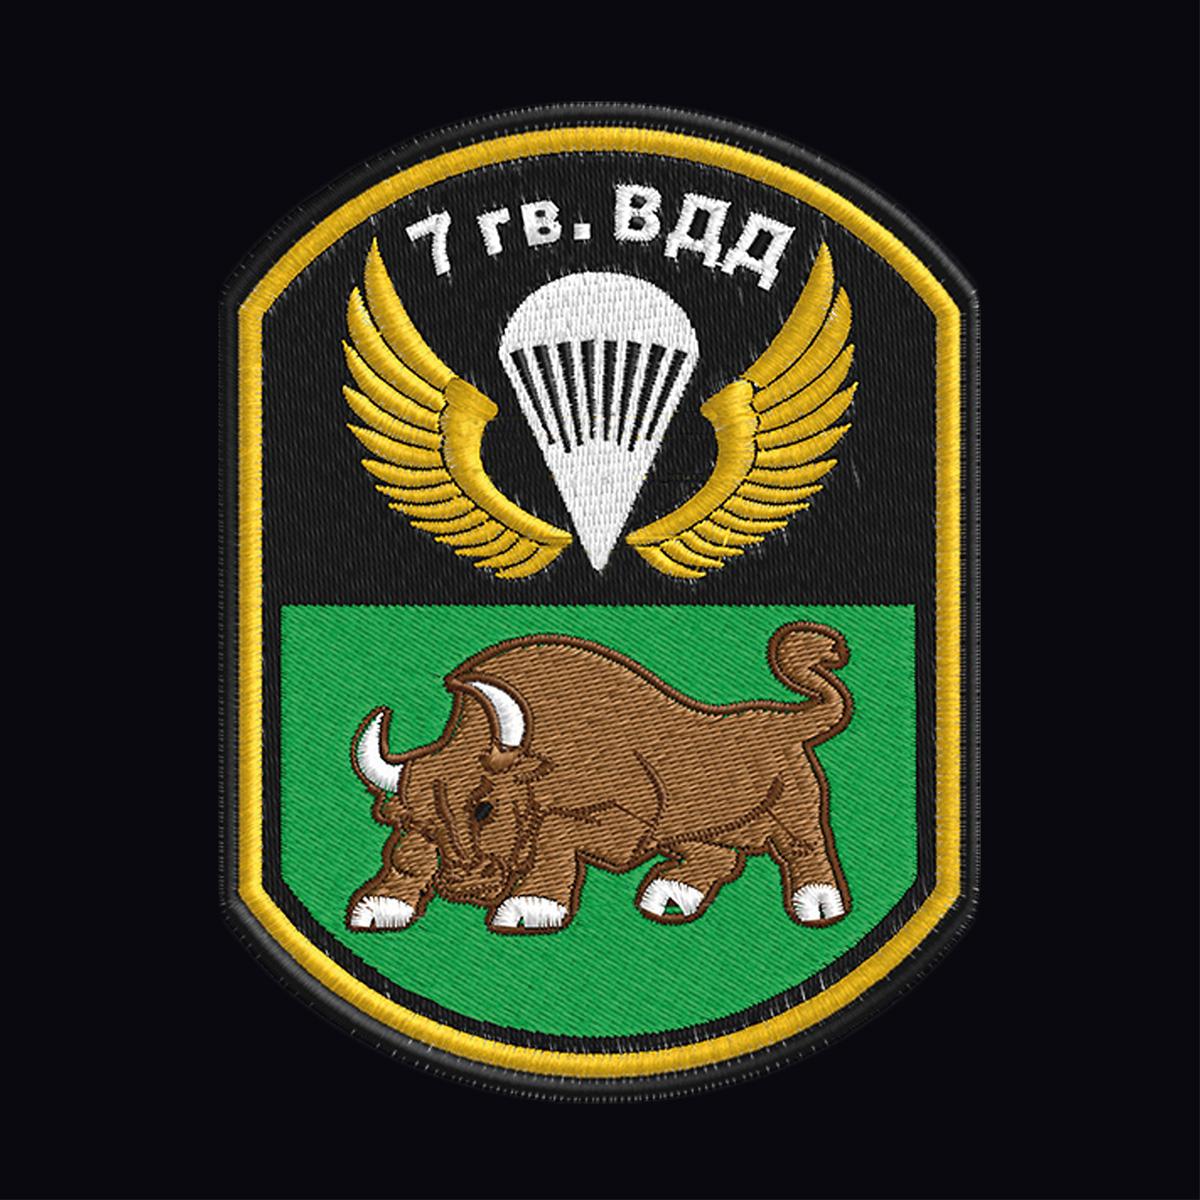 Строгая черная футболка с вышитой эмблемой 7гв. ВДД - купить онлайн